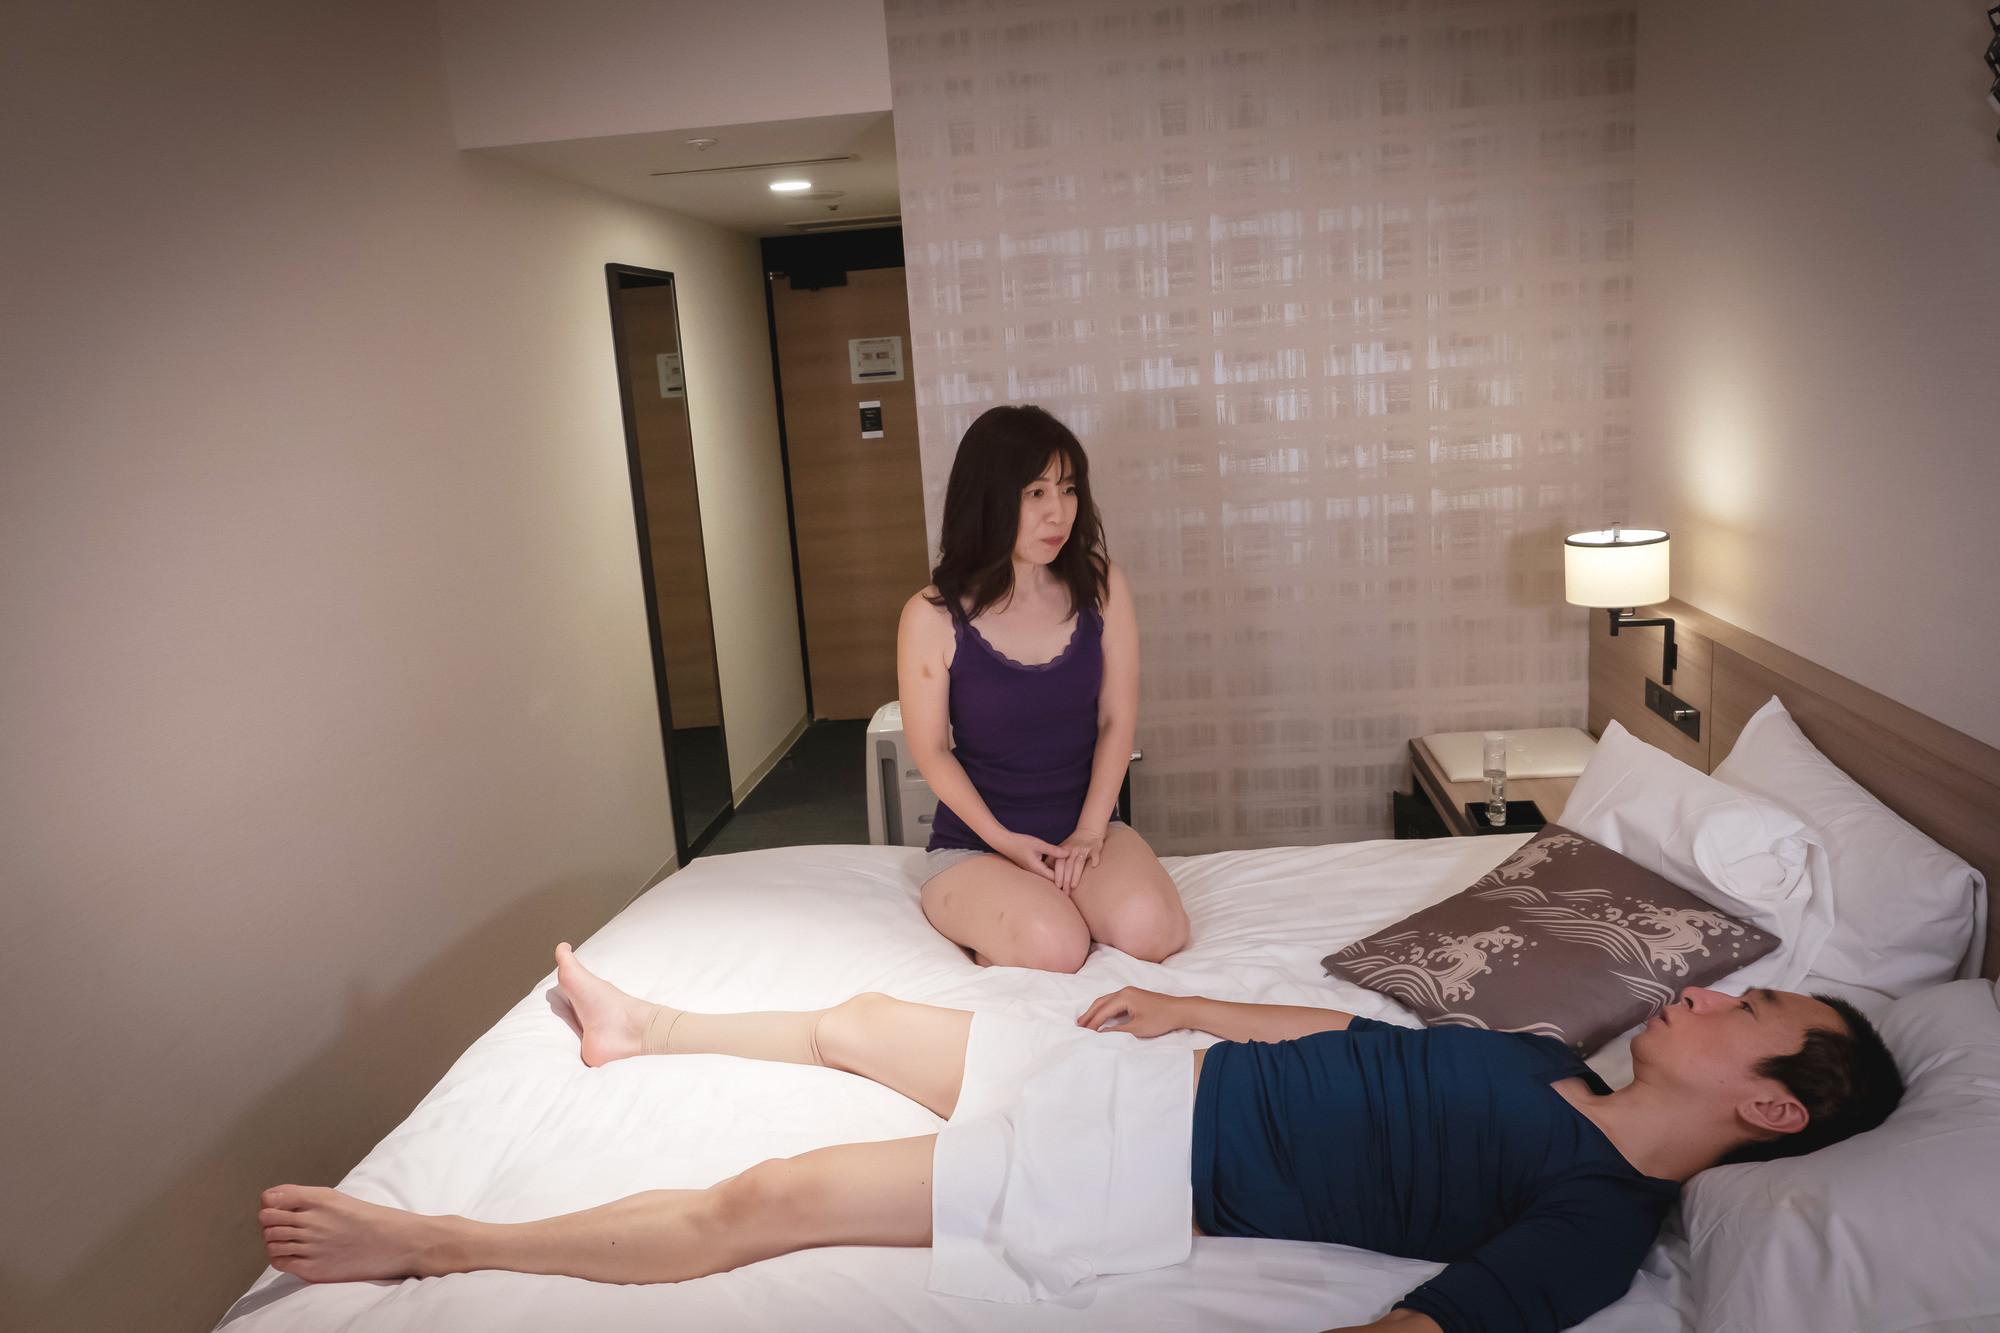 性に興味のなさそうなむっつり熟女を誘惑姦 昭代46歳 画像1